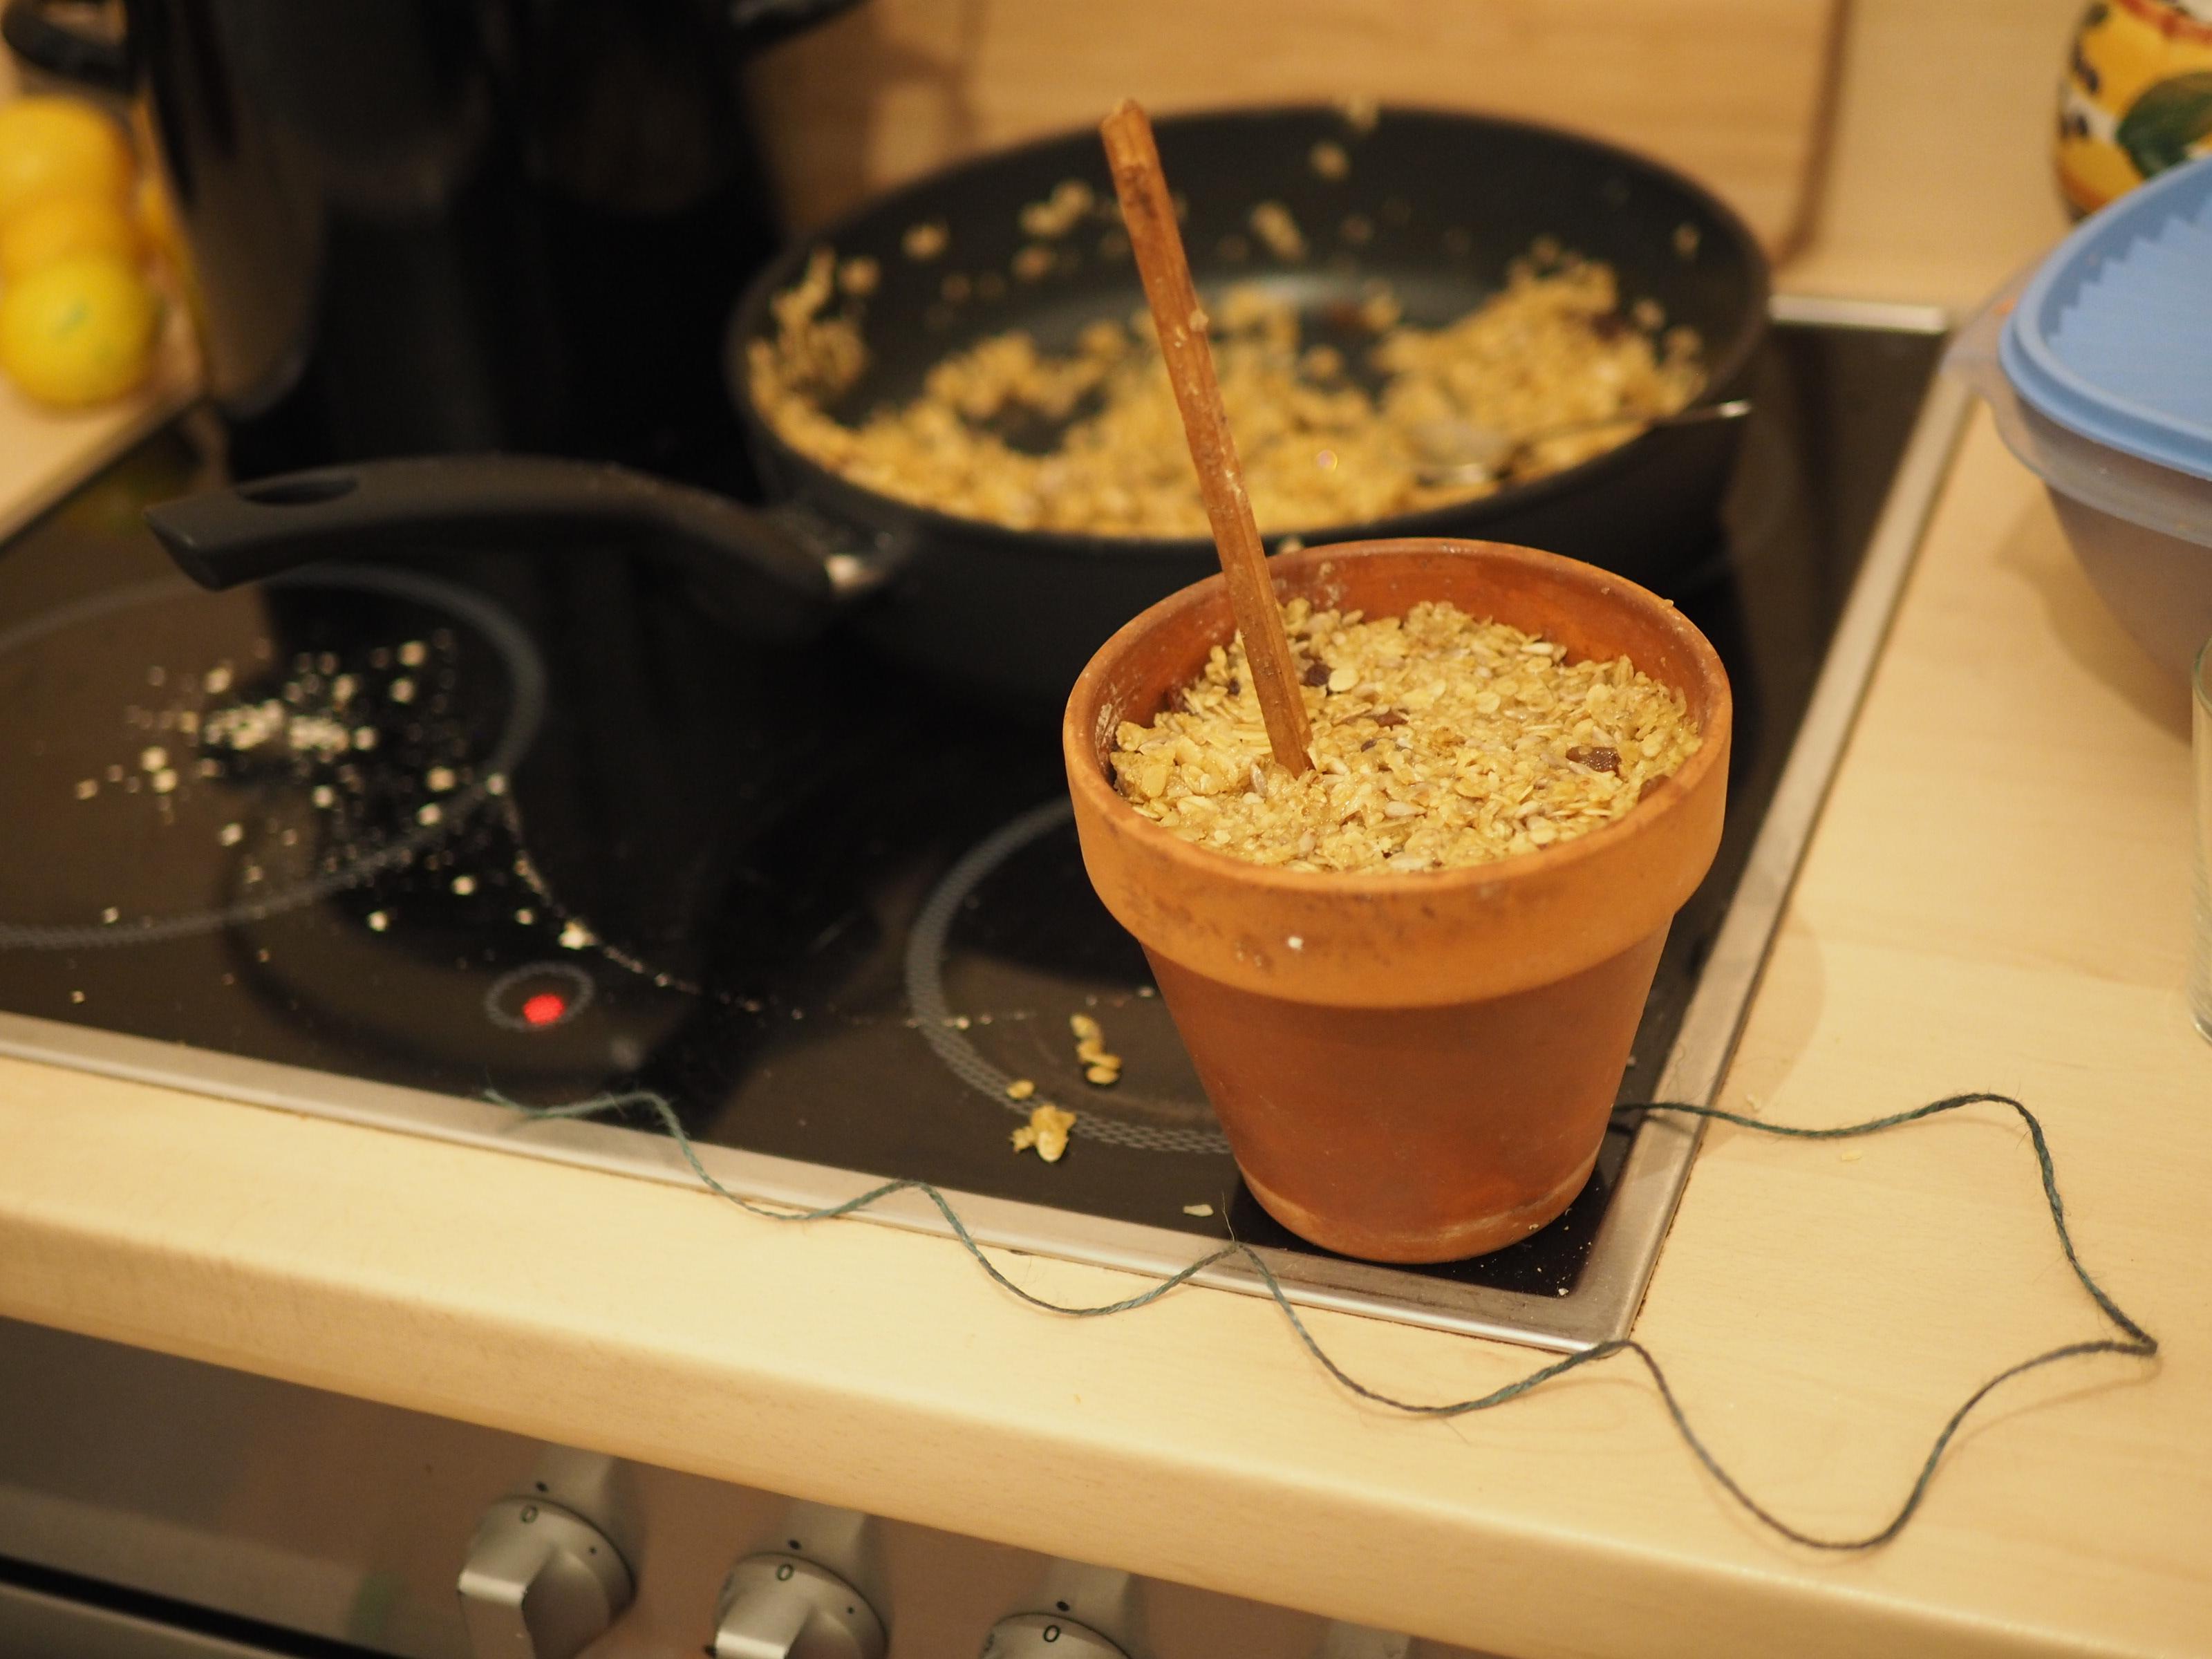 Vogelfutter Selber Machen Rezept : vogelfutter selber machen ein schnelles rezept ~ Lizthompson.info Haus und Dekorationen